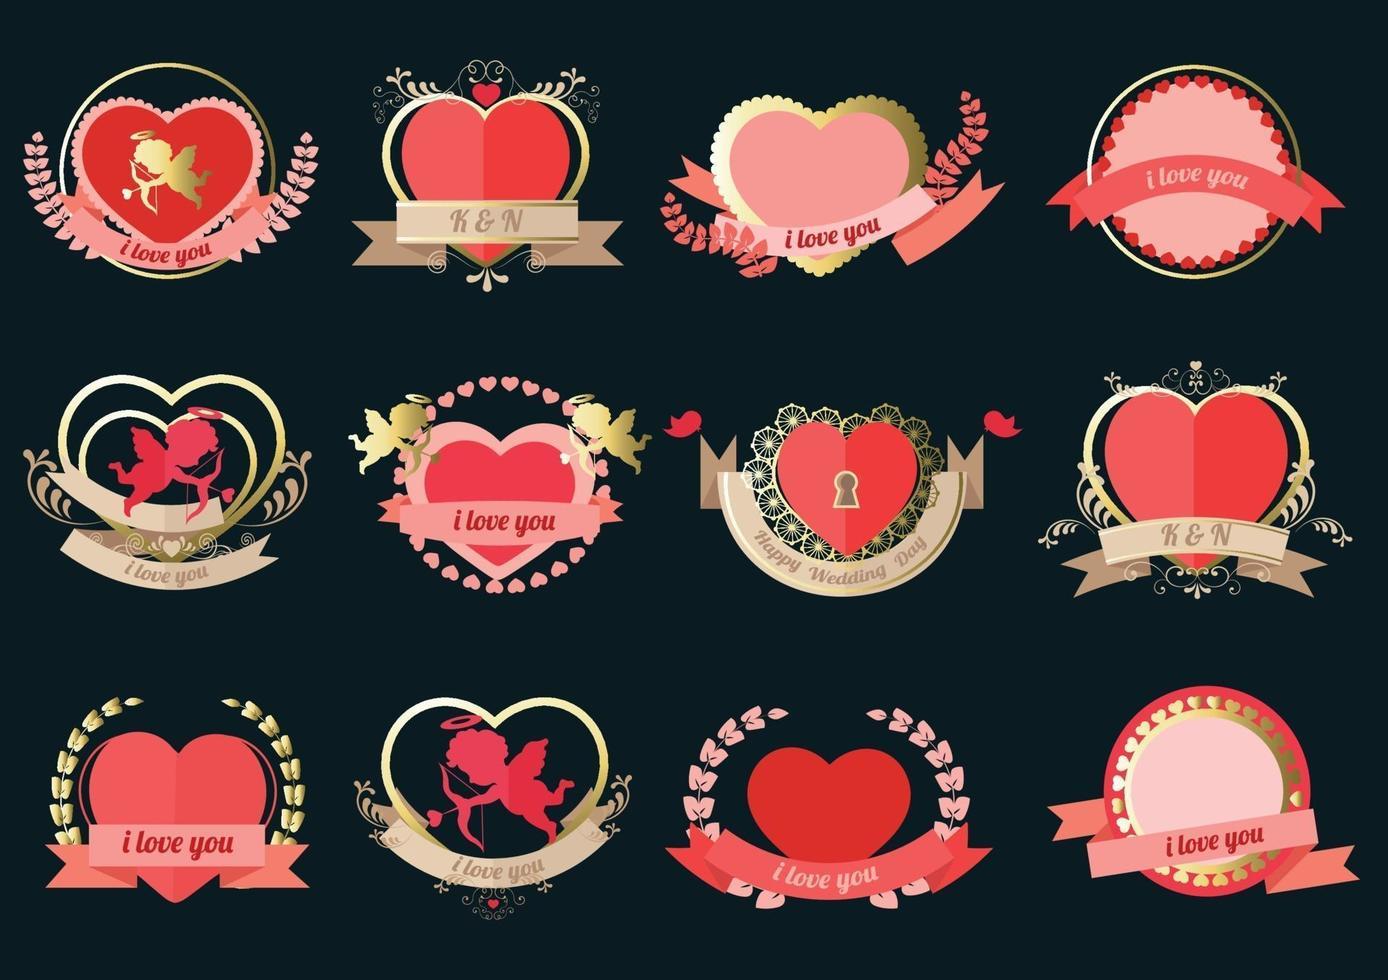 hjärtatikett för bröllopskort eller alla hjärtans dag vektor